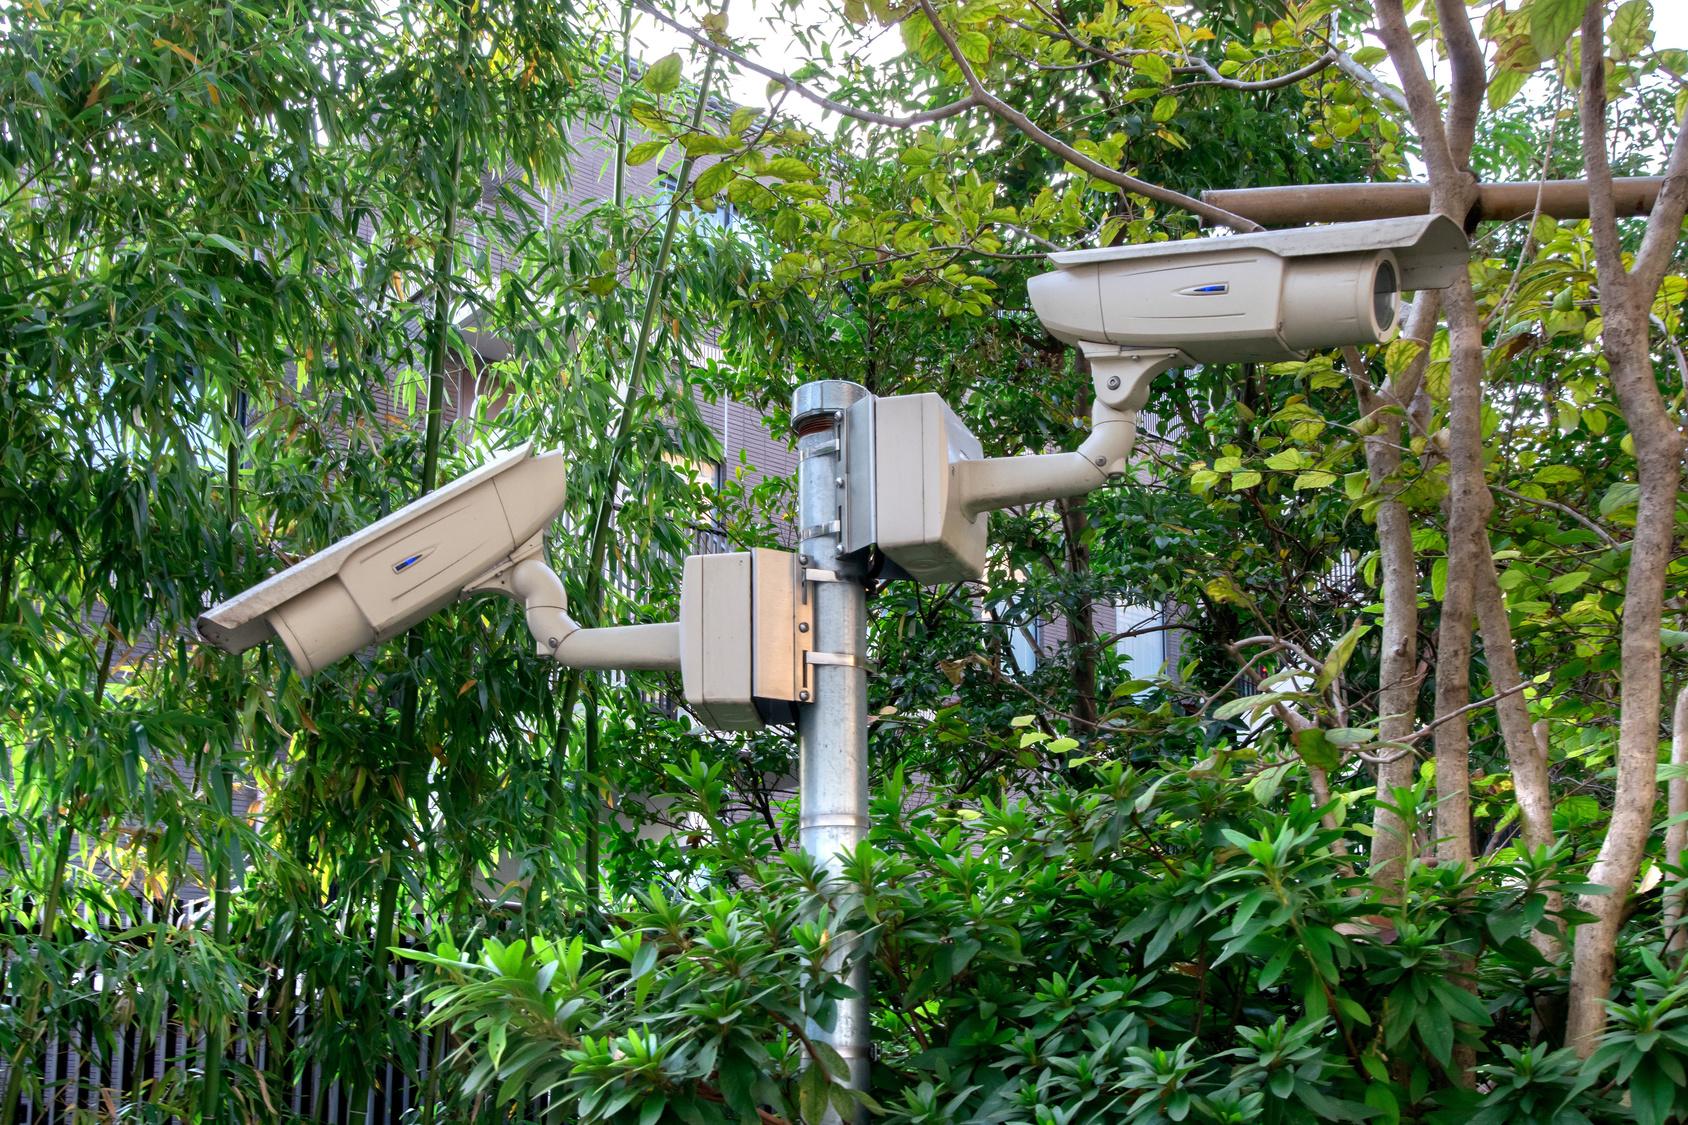 24時間映像を録画!監視カメラでセキュリティ強化!